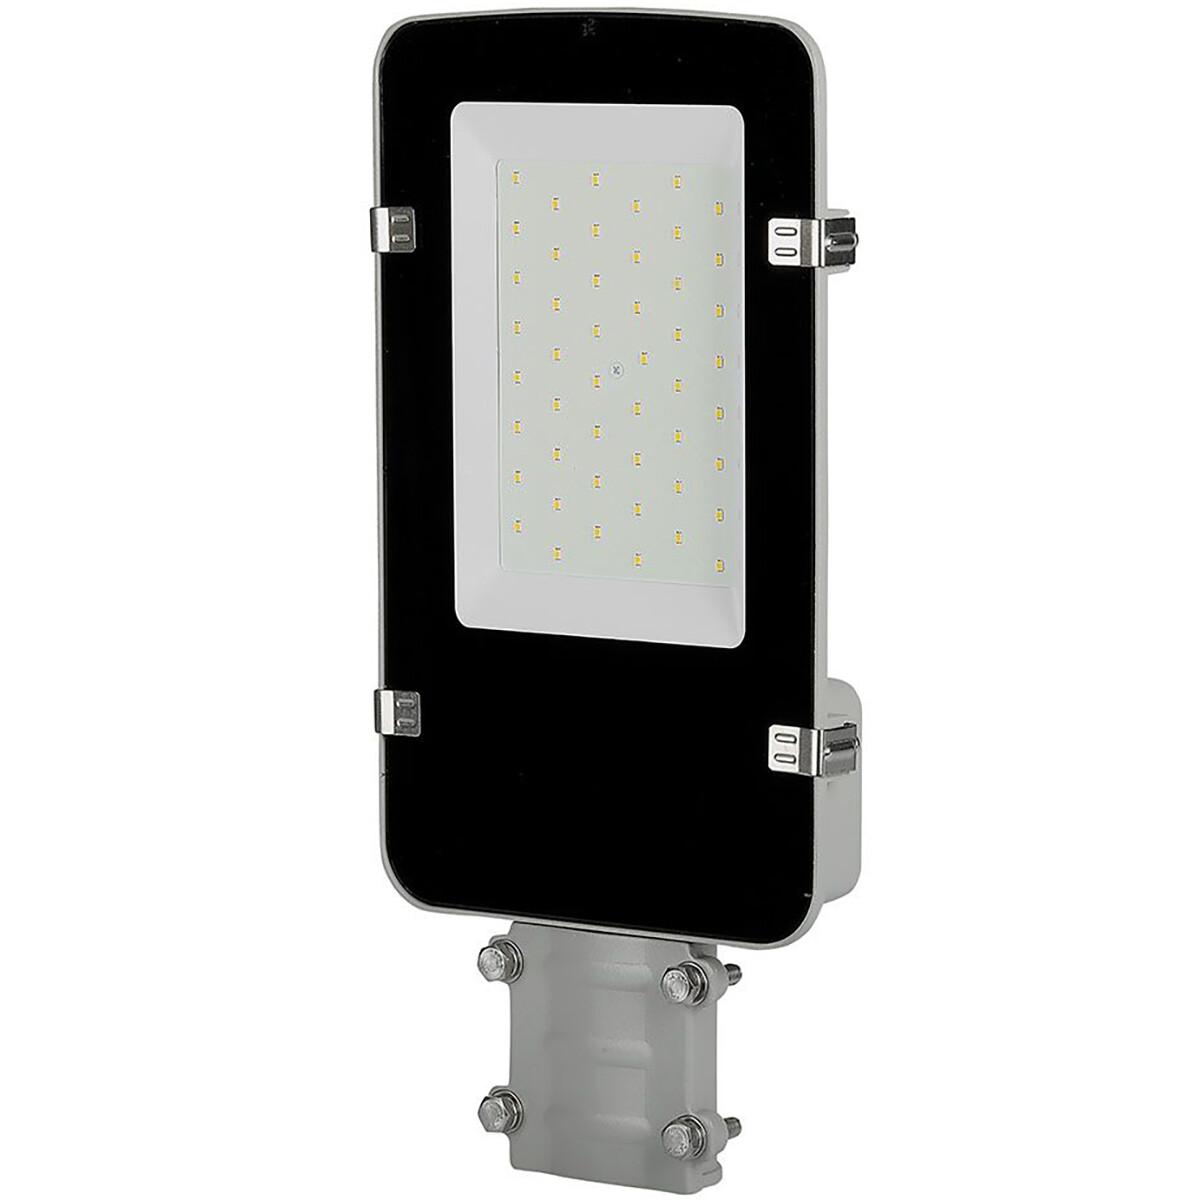 SAMSUNG - LED Straatlamp - Viron Anno - 30W - Helder/Koud Wit 6400K - Waterdicht IP65 - Mat Zwart -